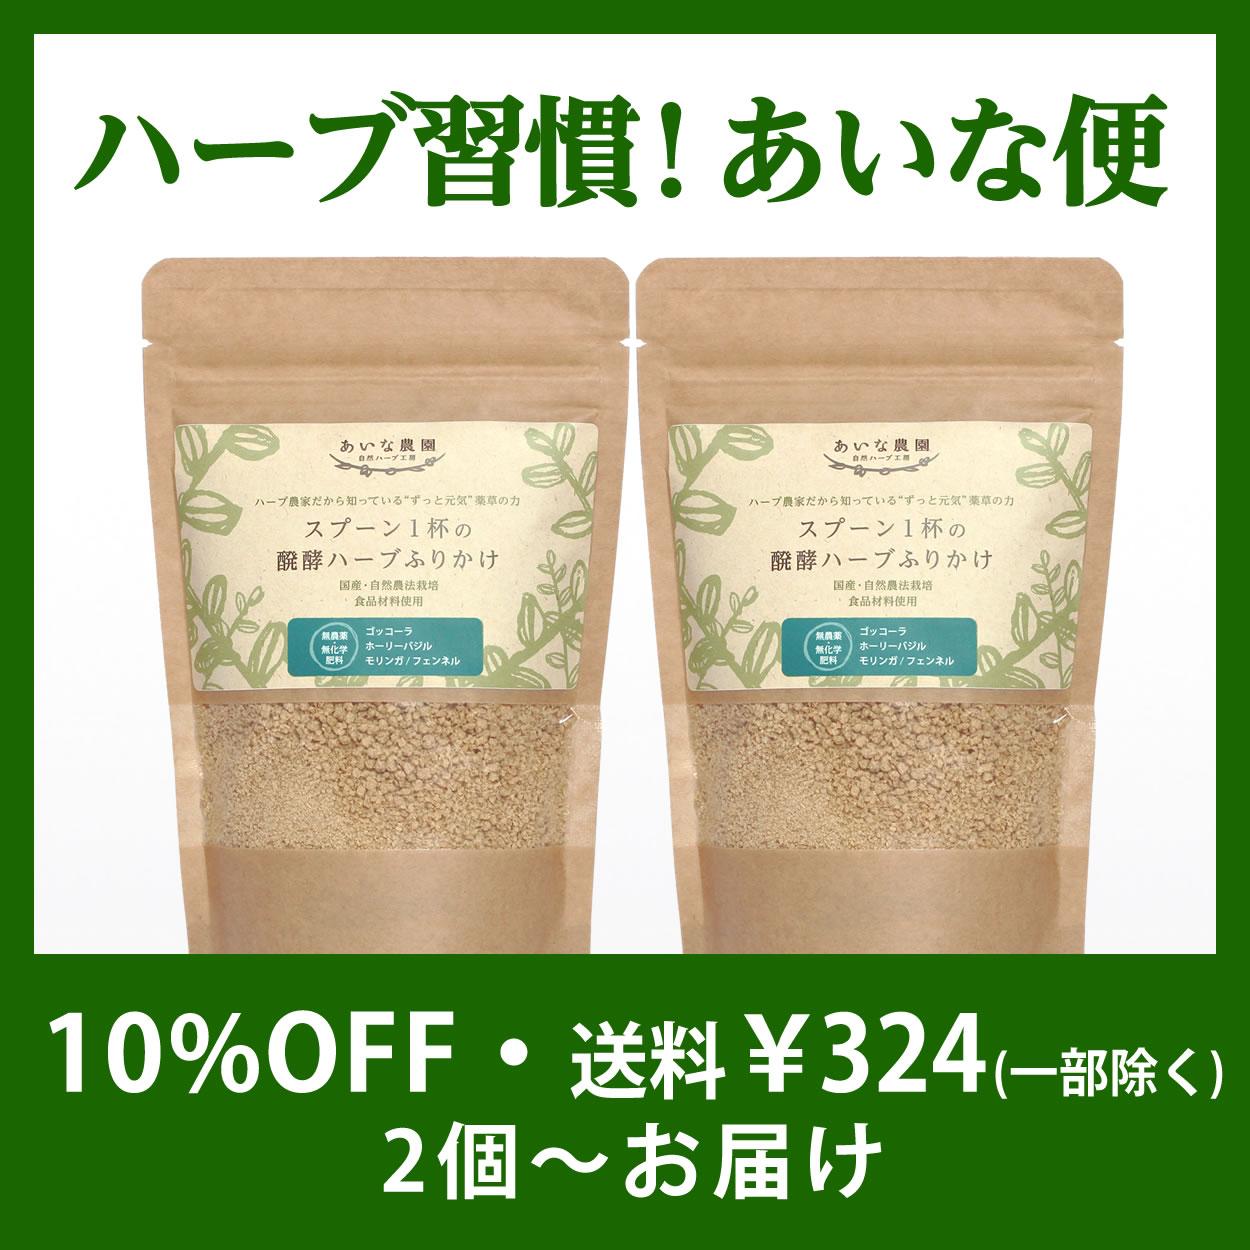 〔あいな便〕 ※送料¥324(一部除く)  脳の老化対策 《100g》